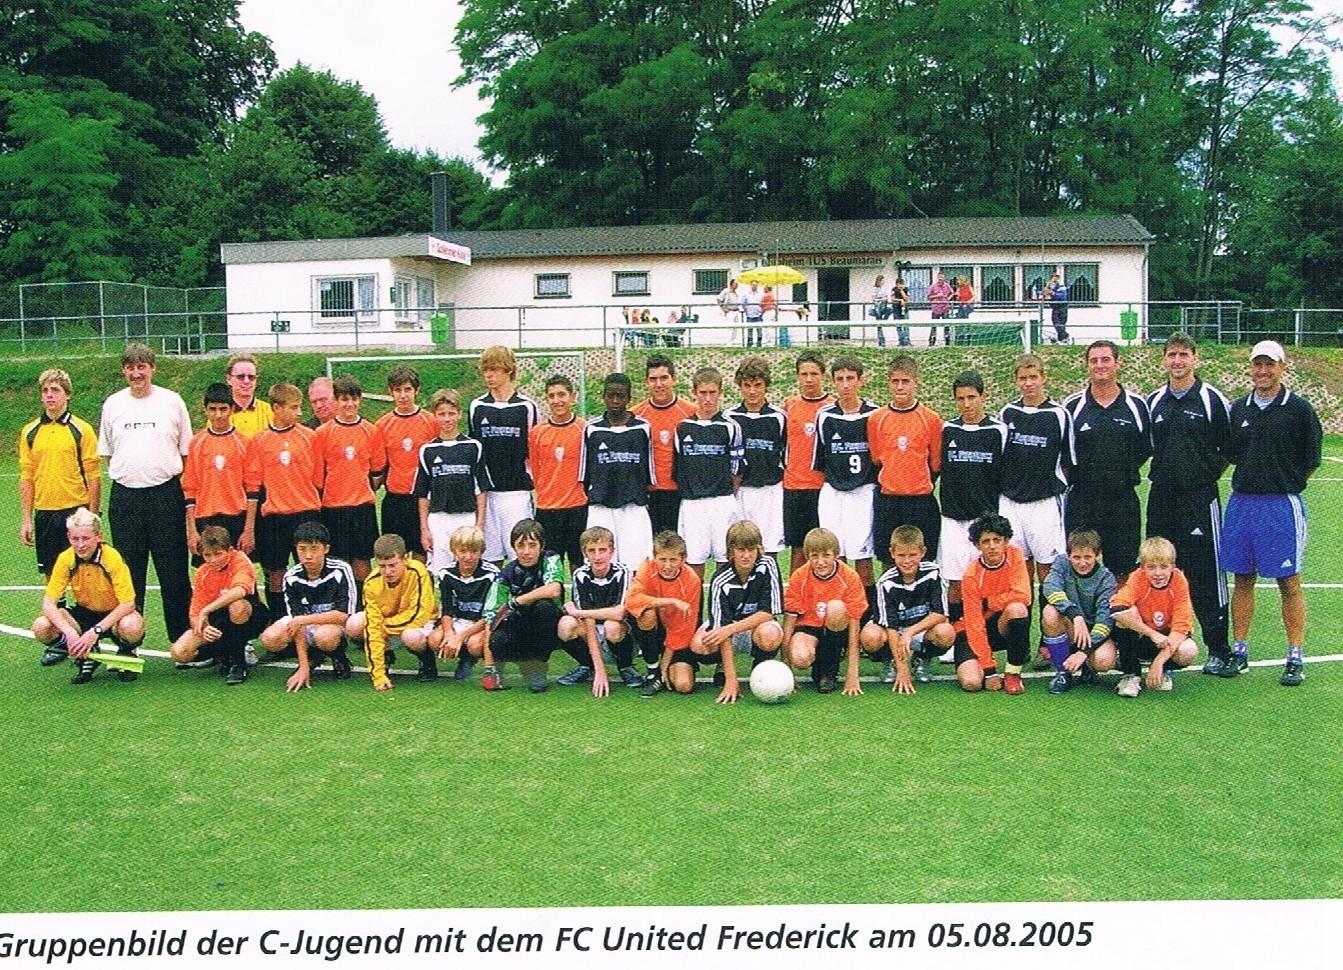 C-JUGEND 2005